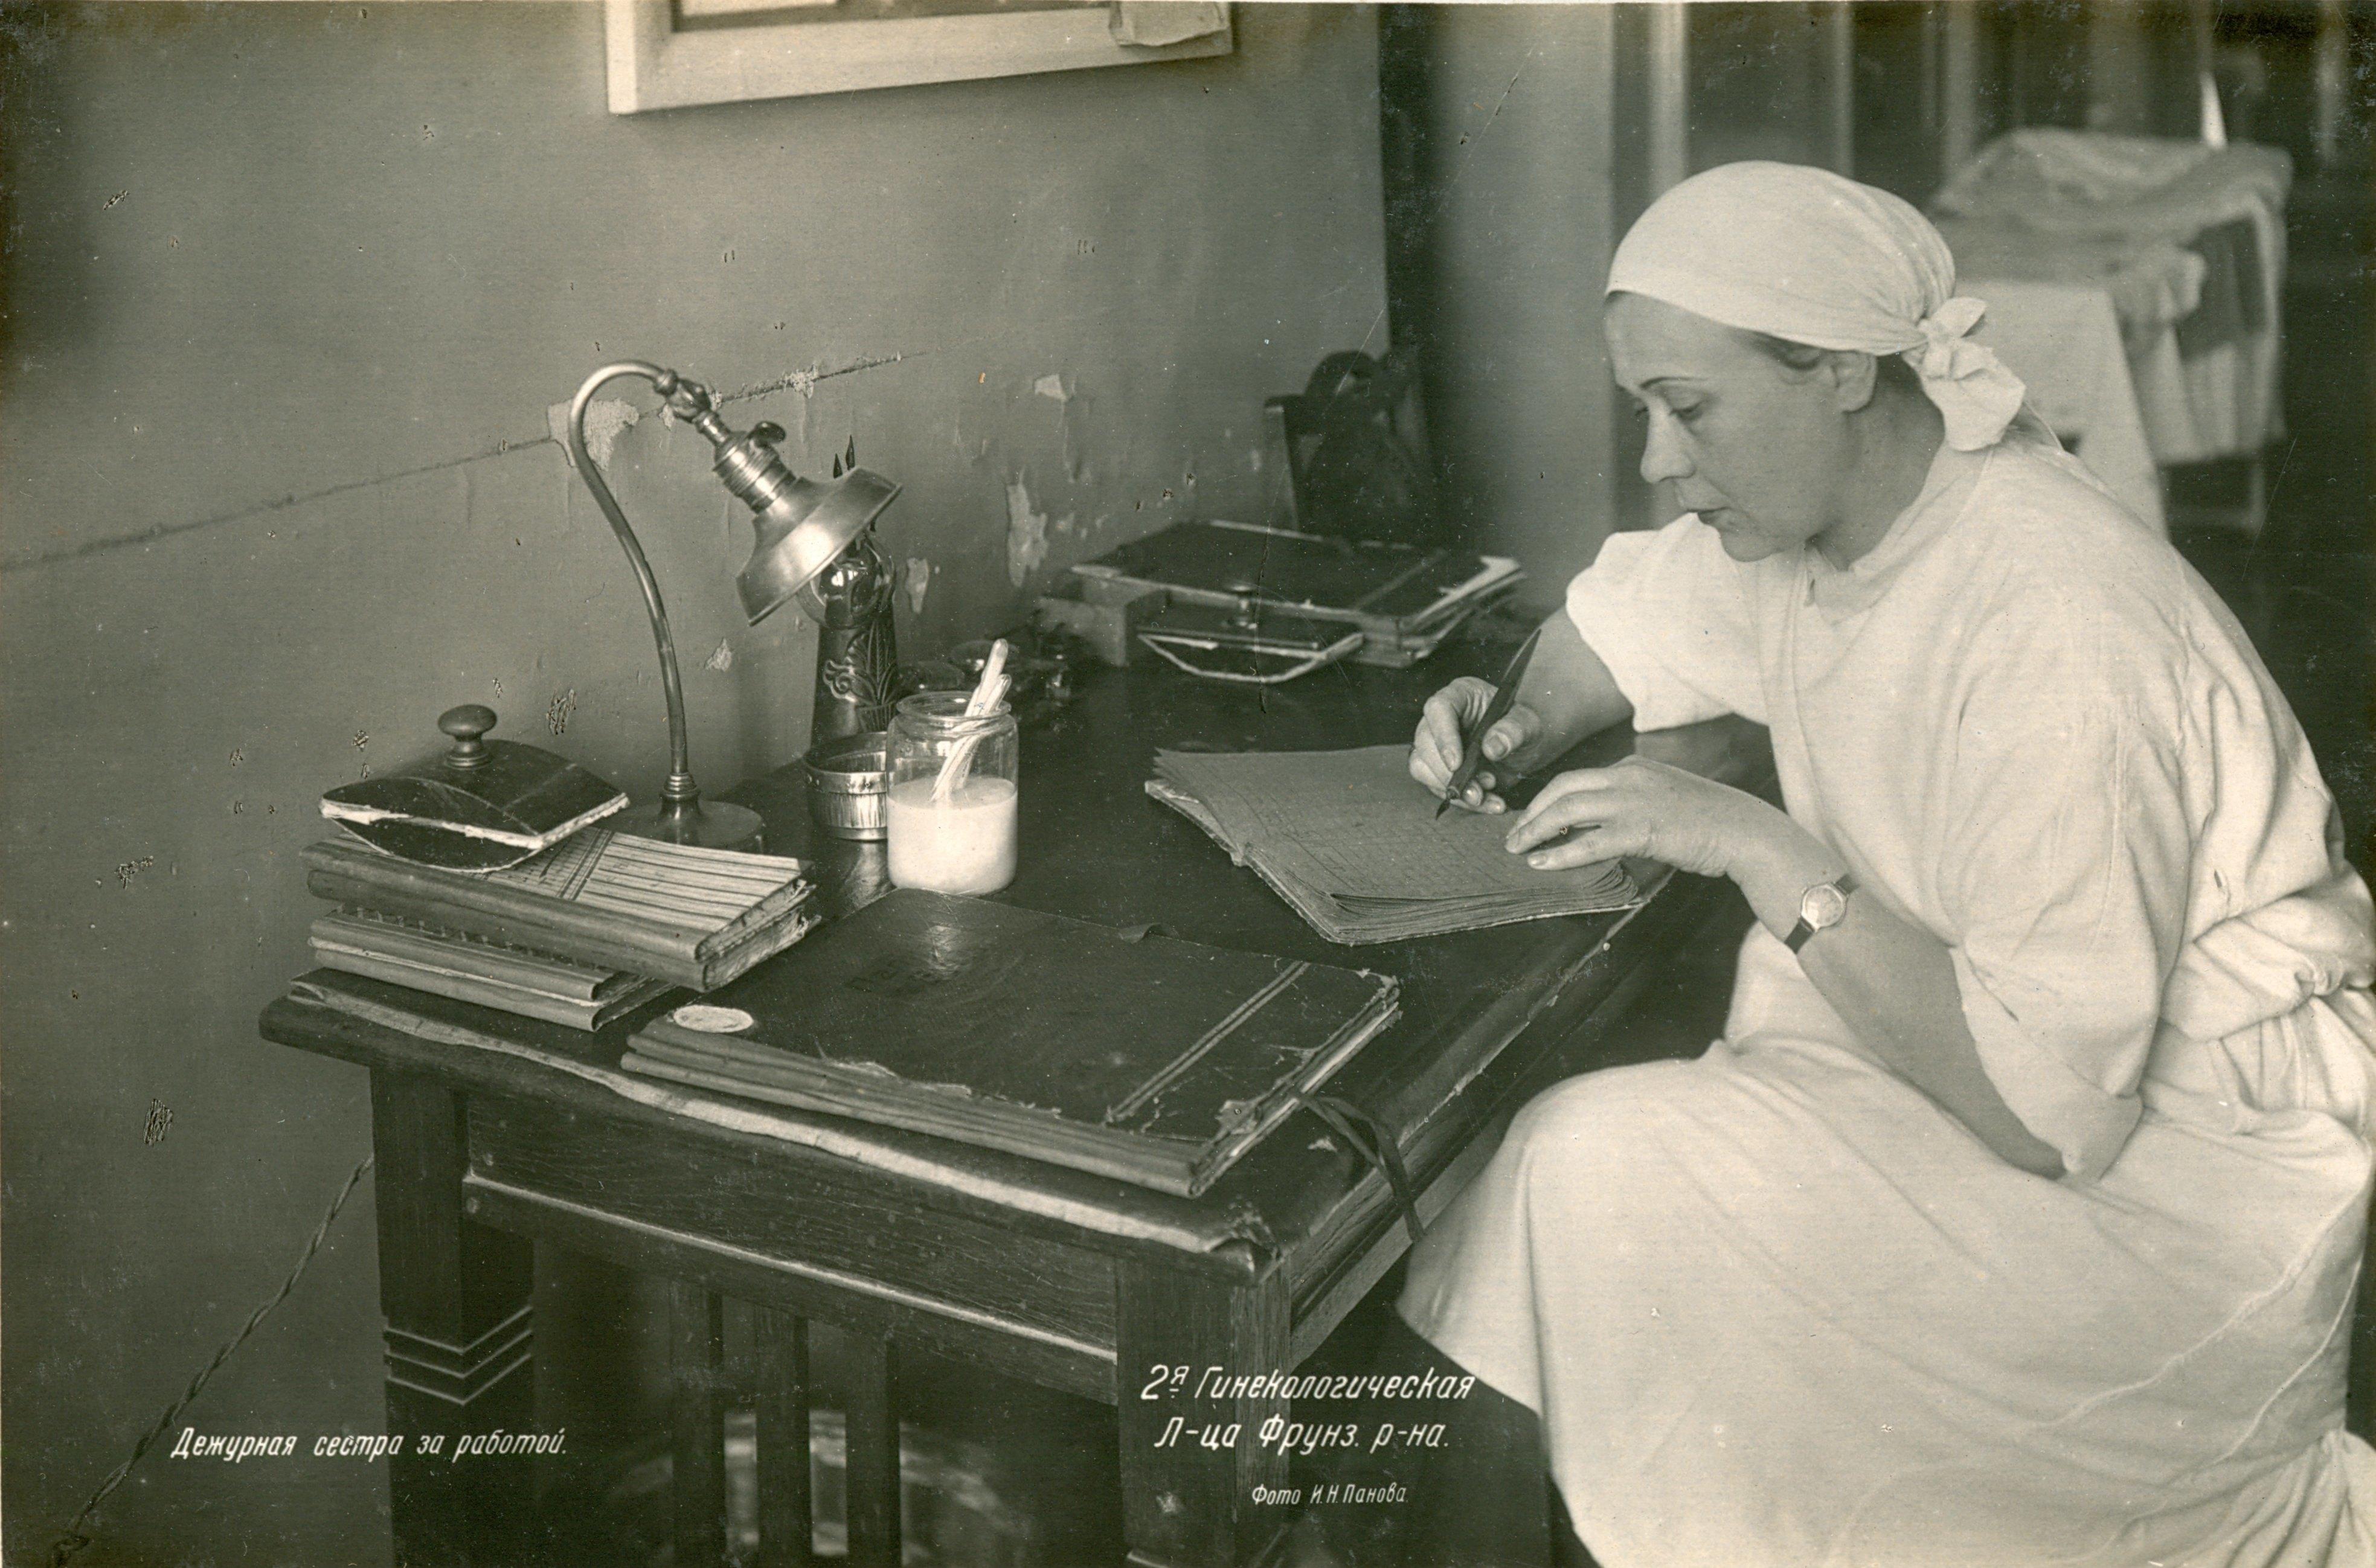 Дежурная сестра за работой